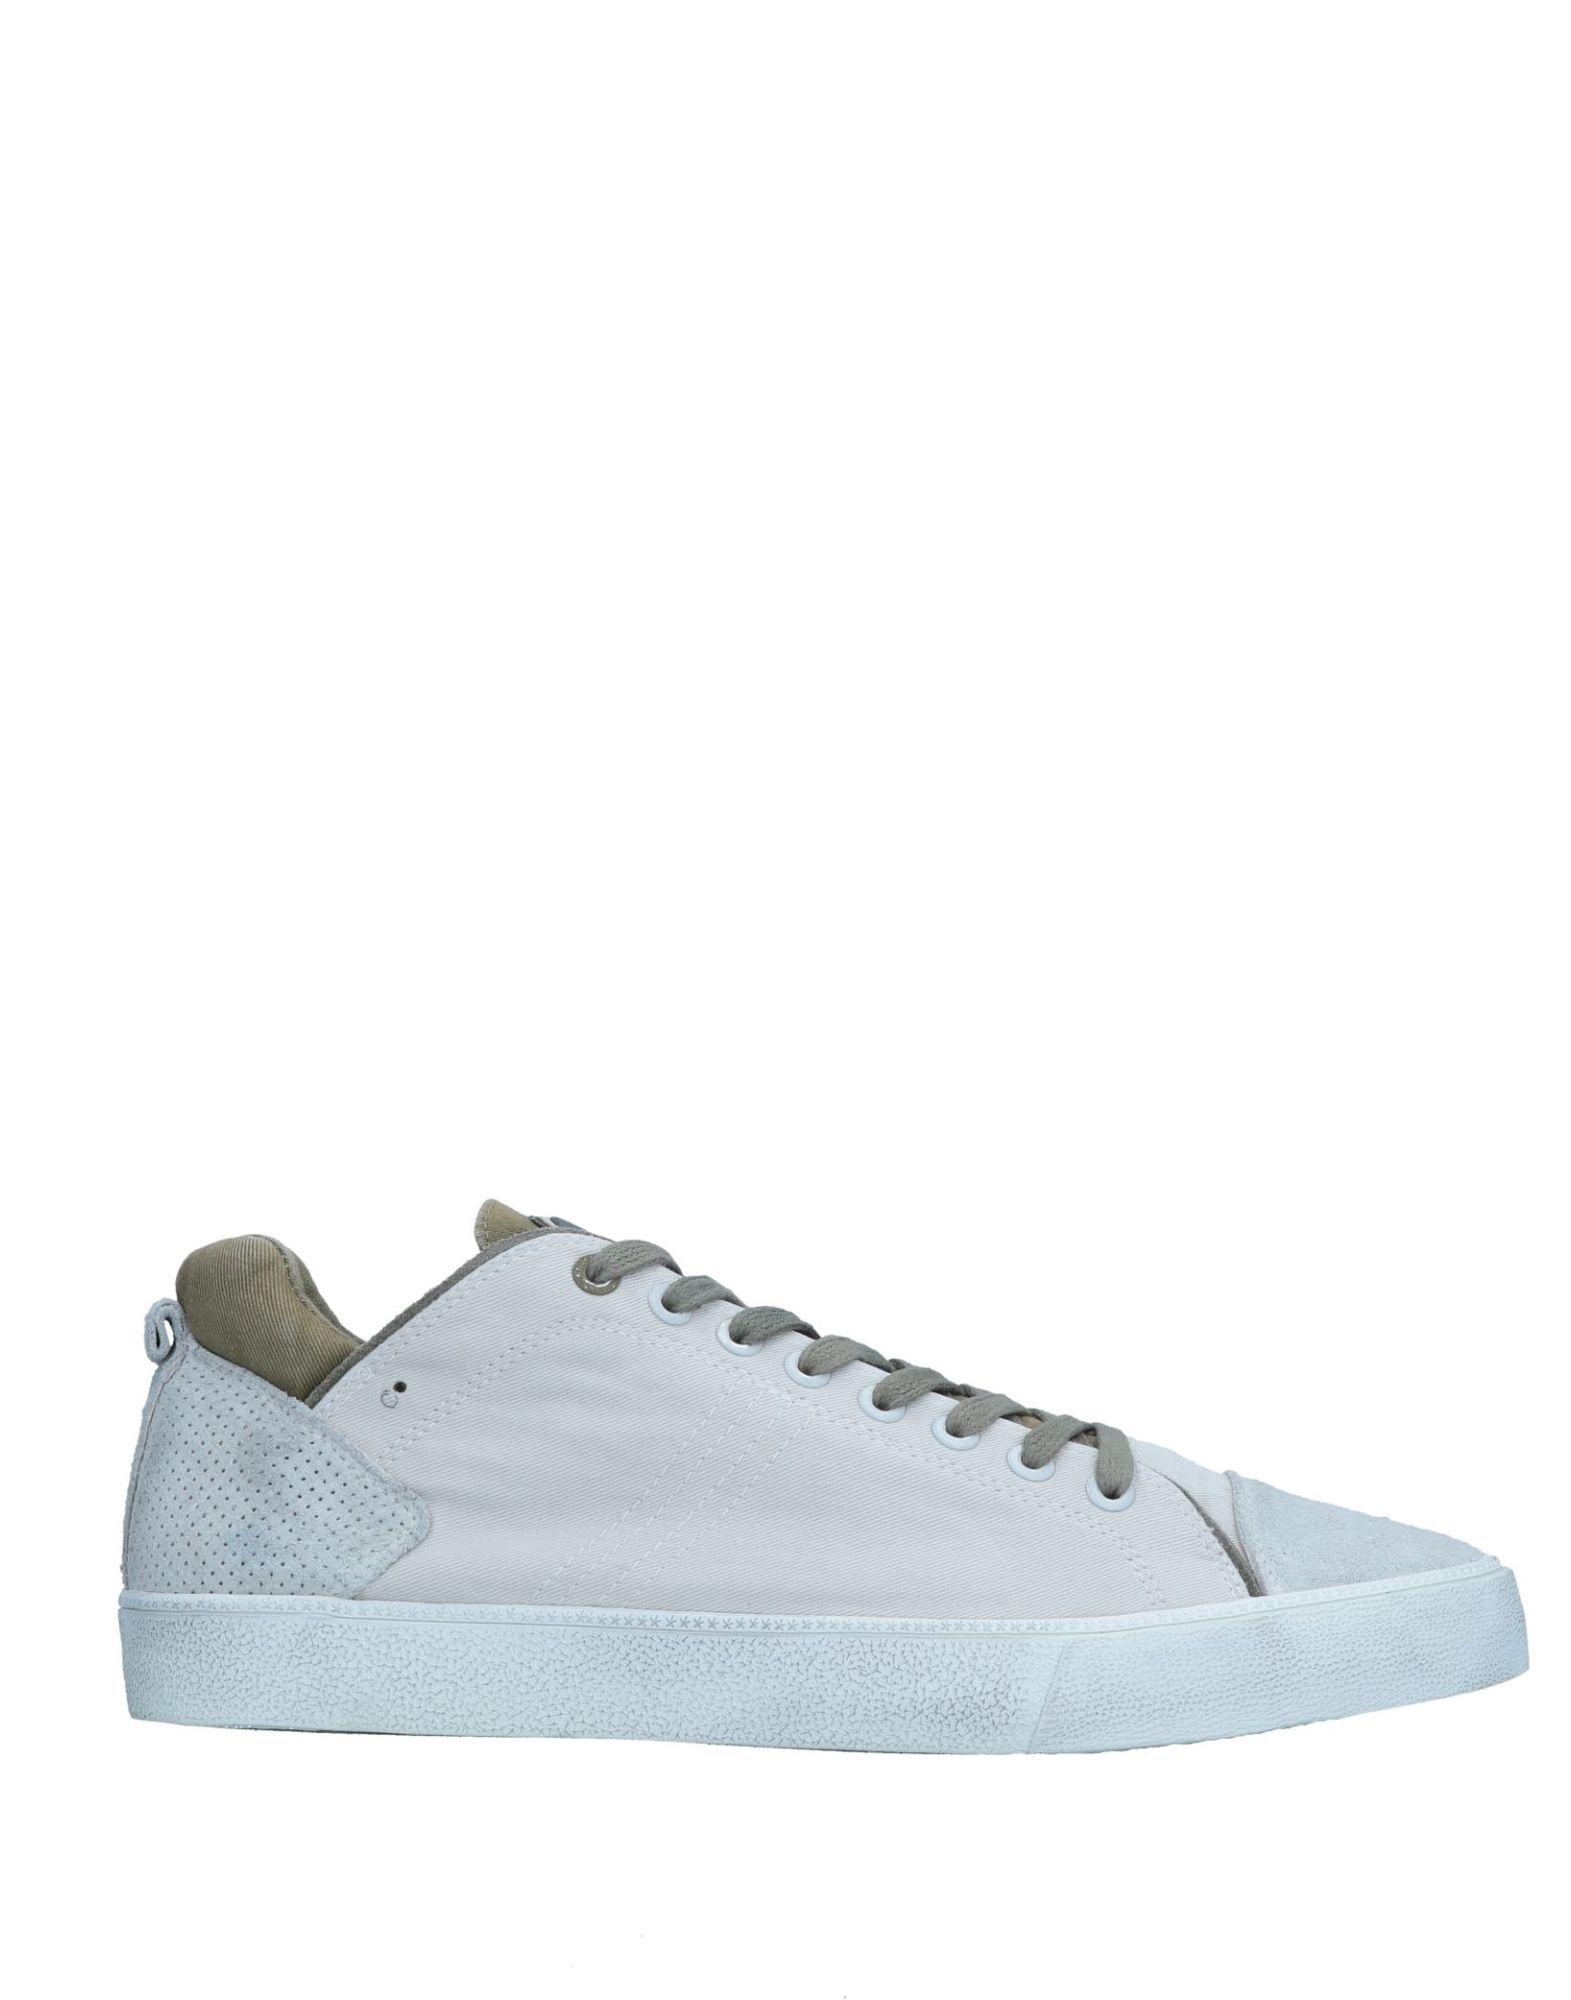 Rabatt echte Schuhe 11546443KI Colmar Sneakers Herren  11546443KI Schuhe 57df3f